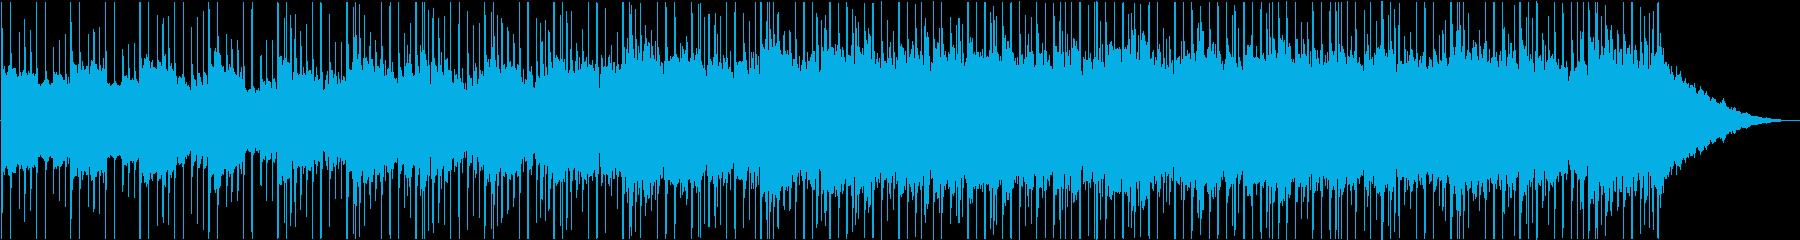 センチメンタルで神秘的な曲の再生済みの波形